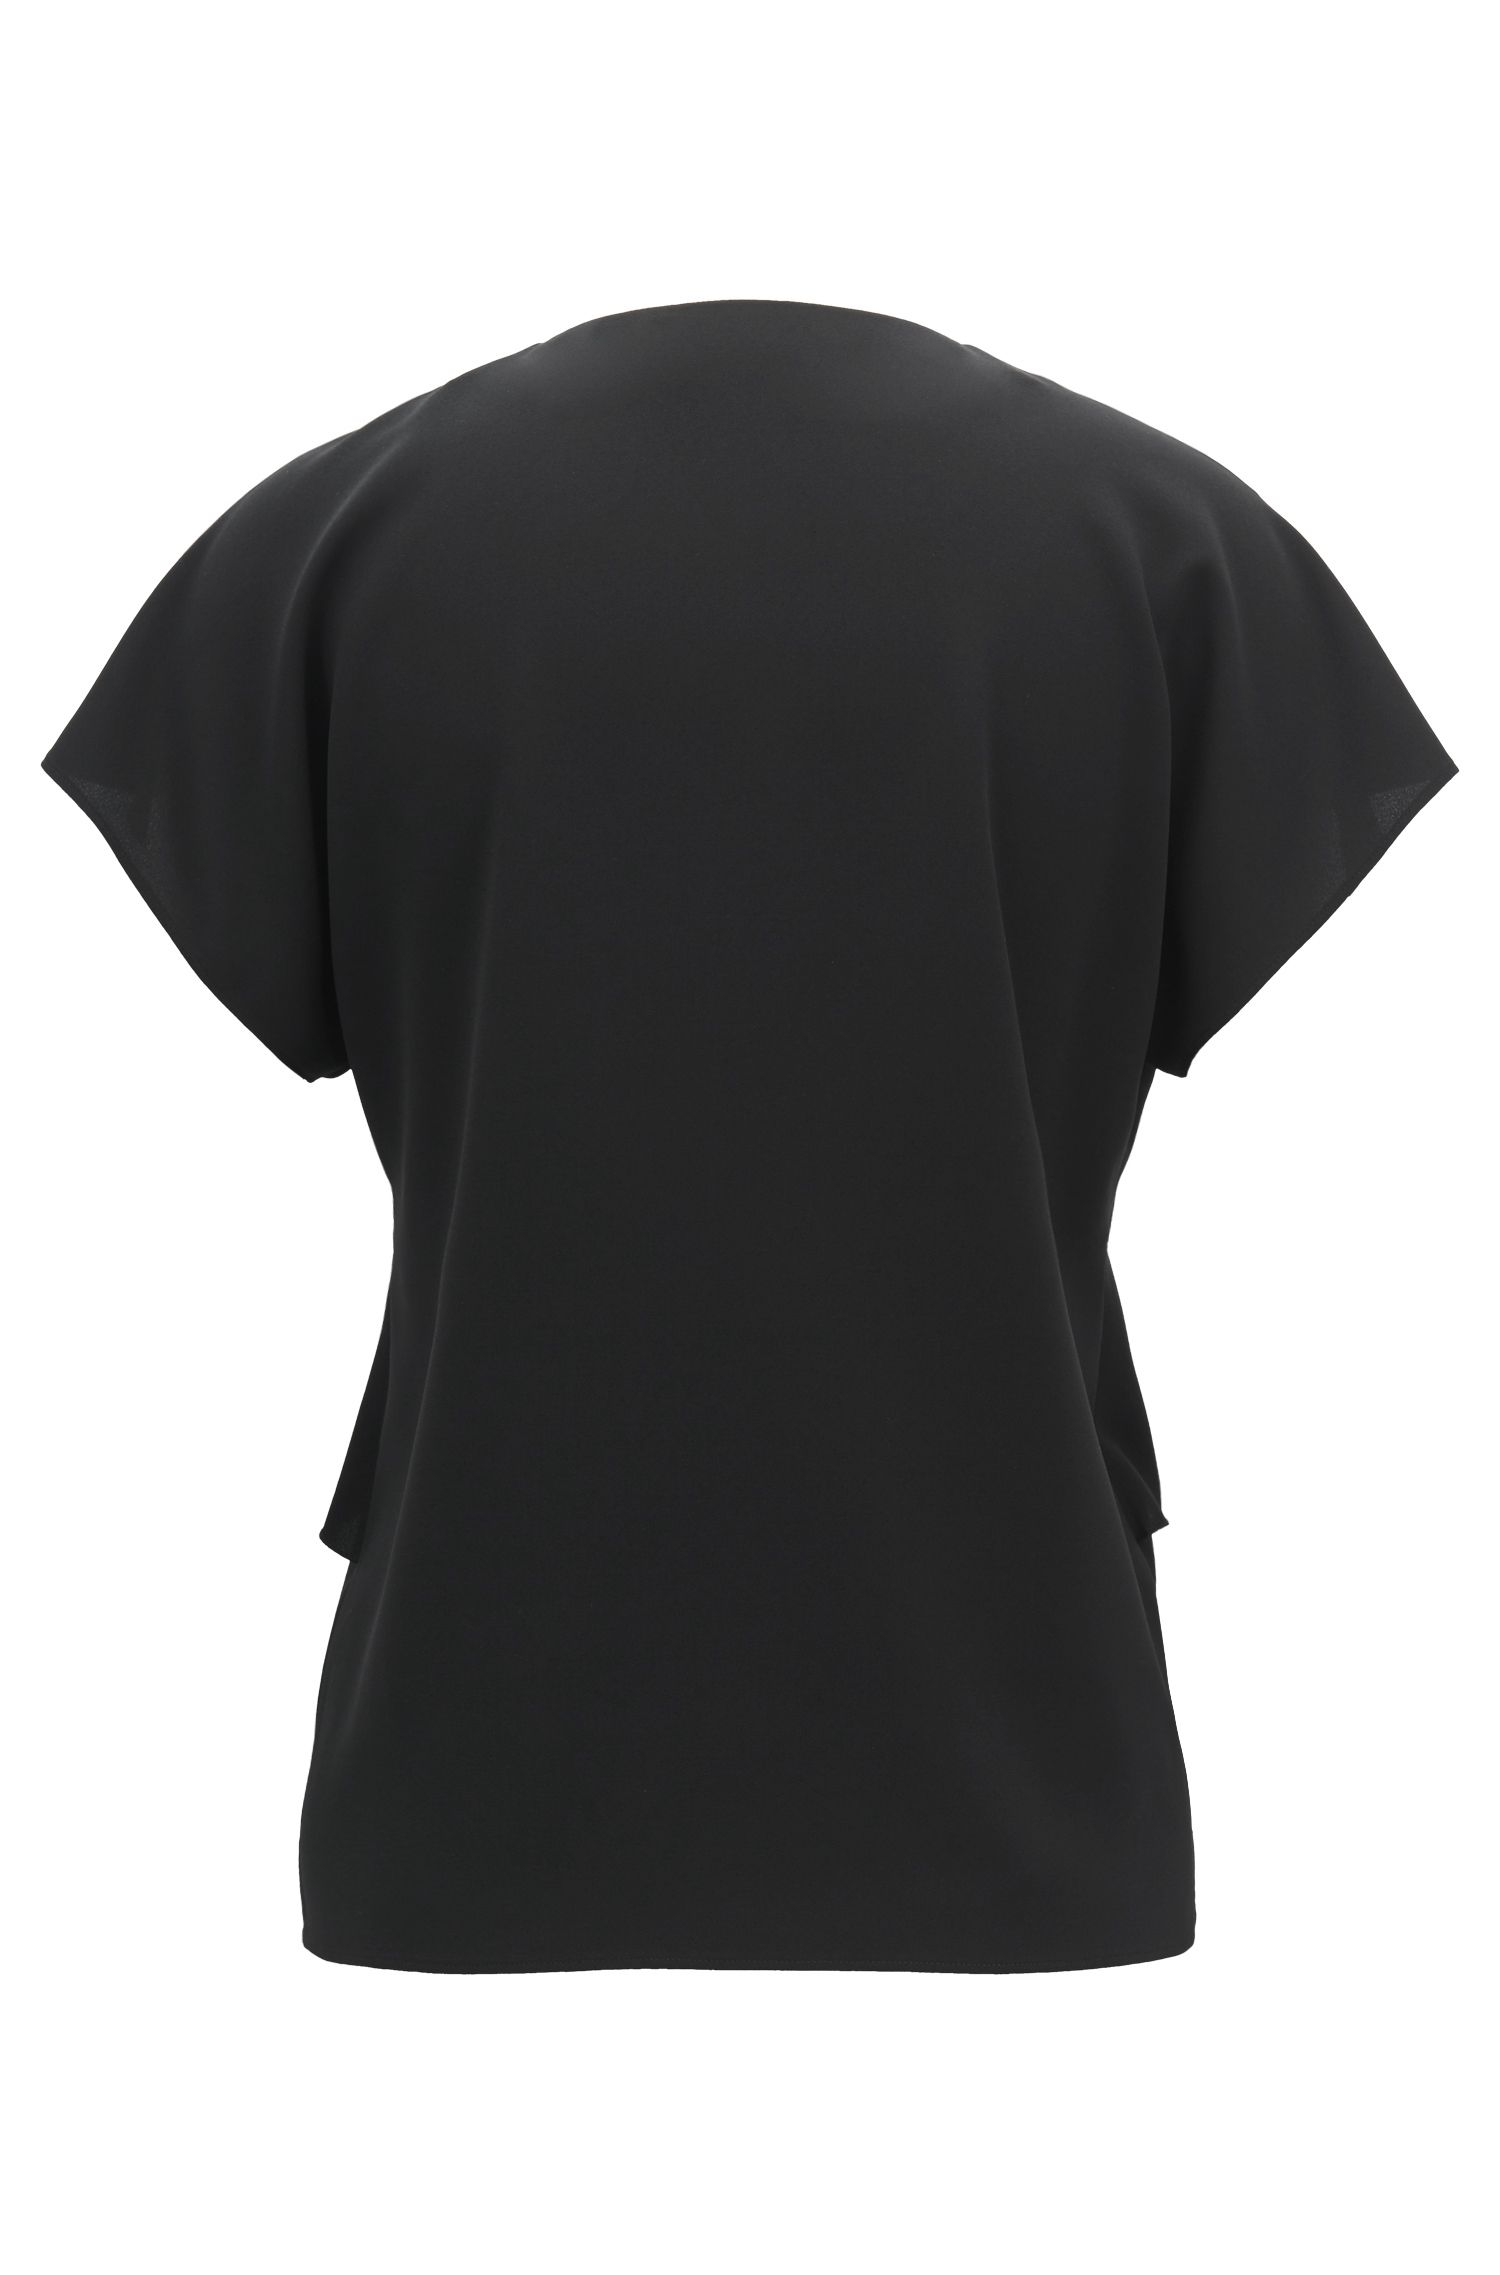 V-neck frilled top in crinkled stretch crepe